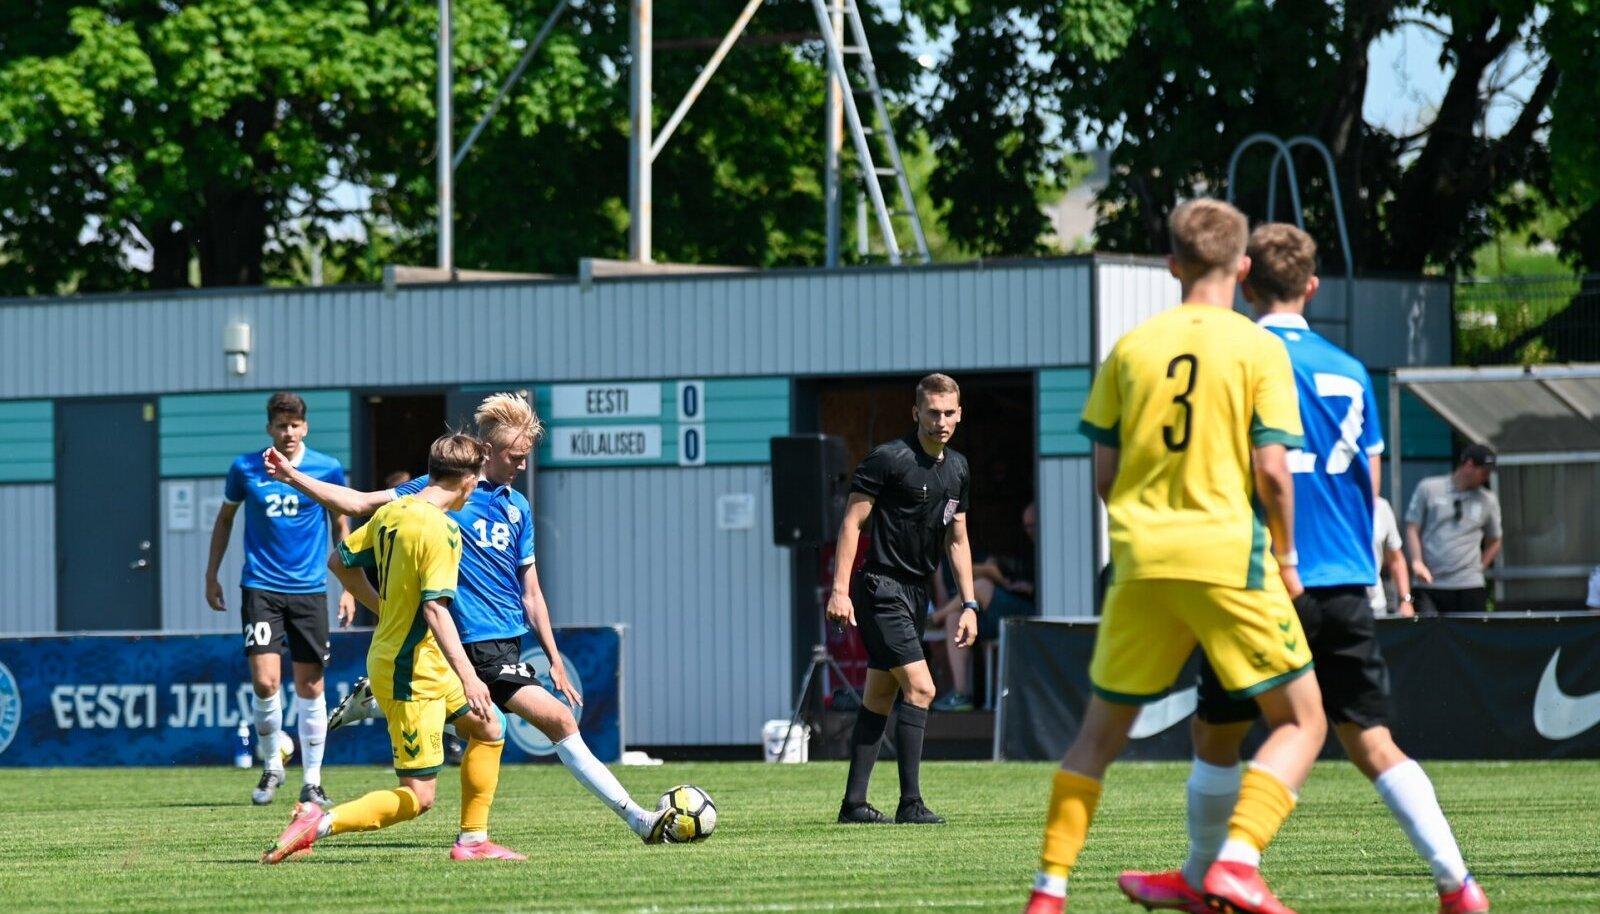 Eesti - Leedu jalgpall